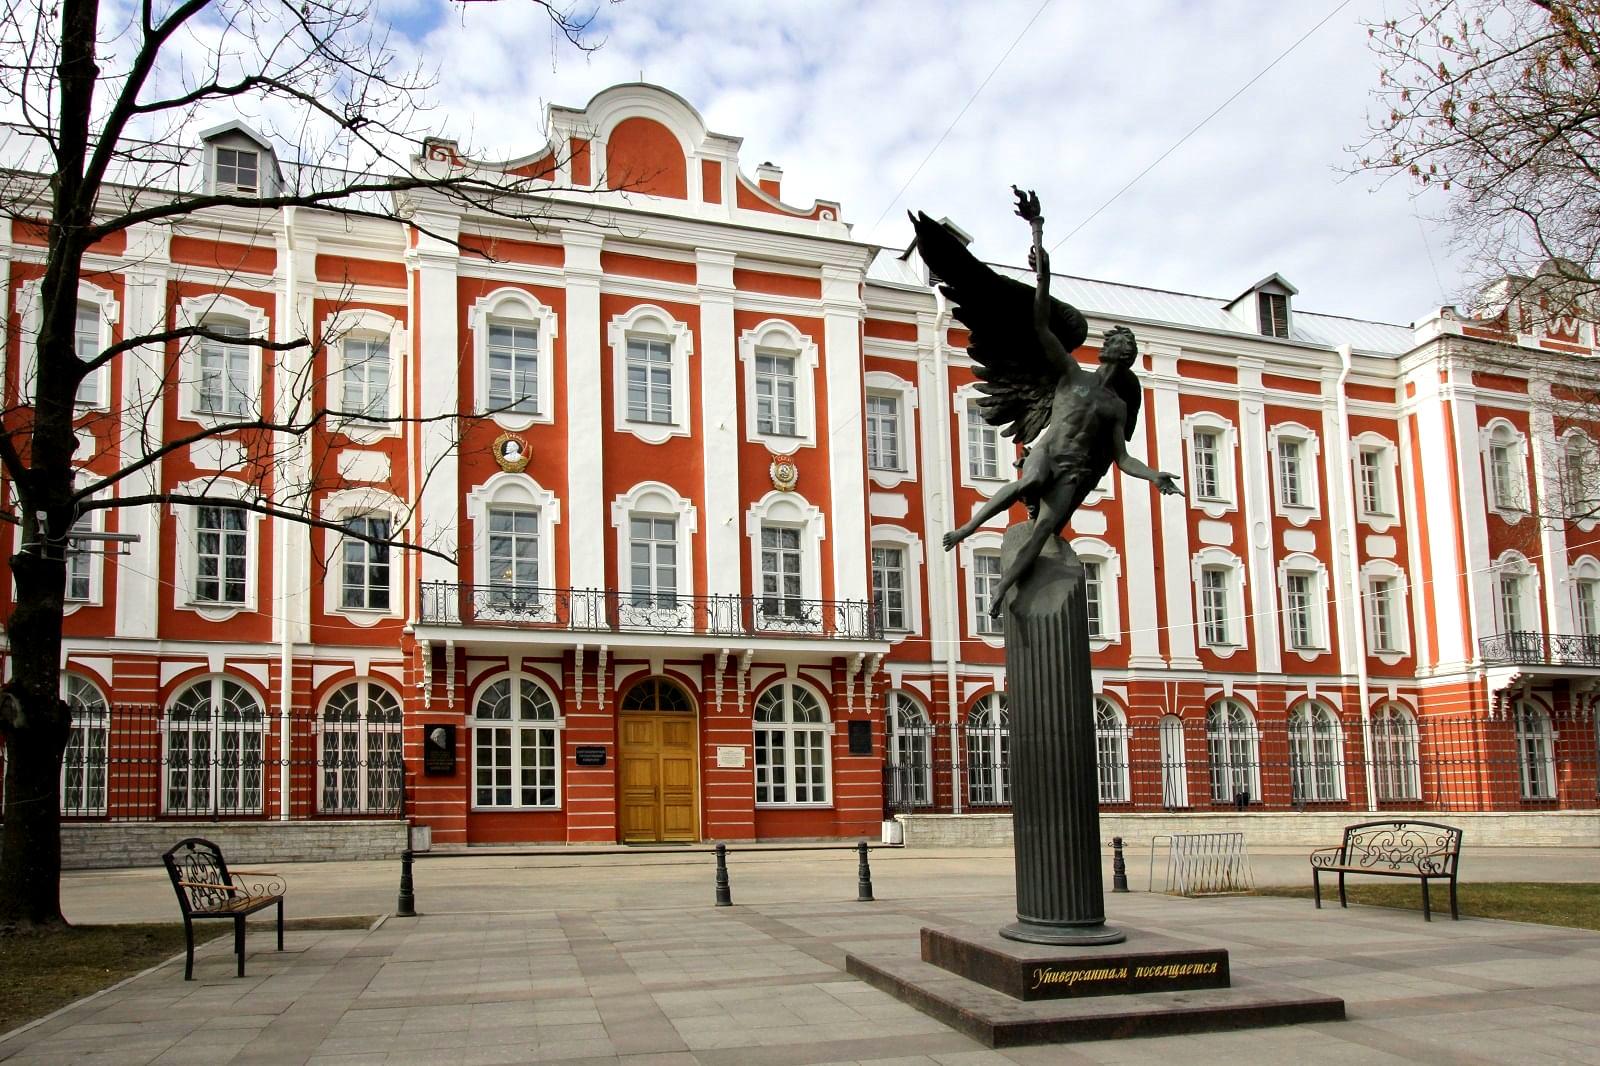 圣彼得堡国立大学本科专业《考古与人类学》详细介绍!插图1-小狮座俄罗斯留学